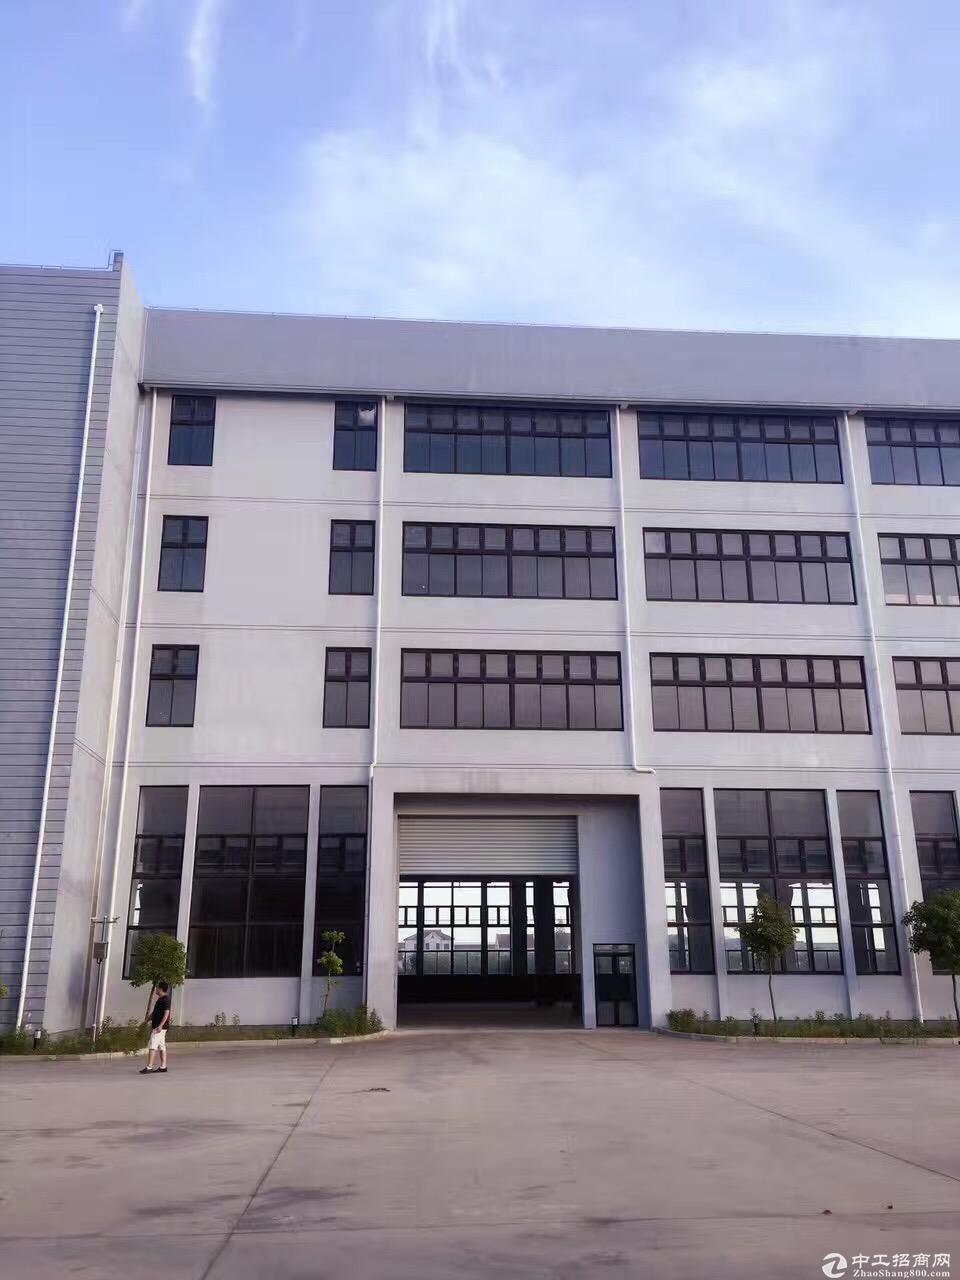 (出租) 合庆工业园区一楼690平米标准厂房层高6米可分割